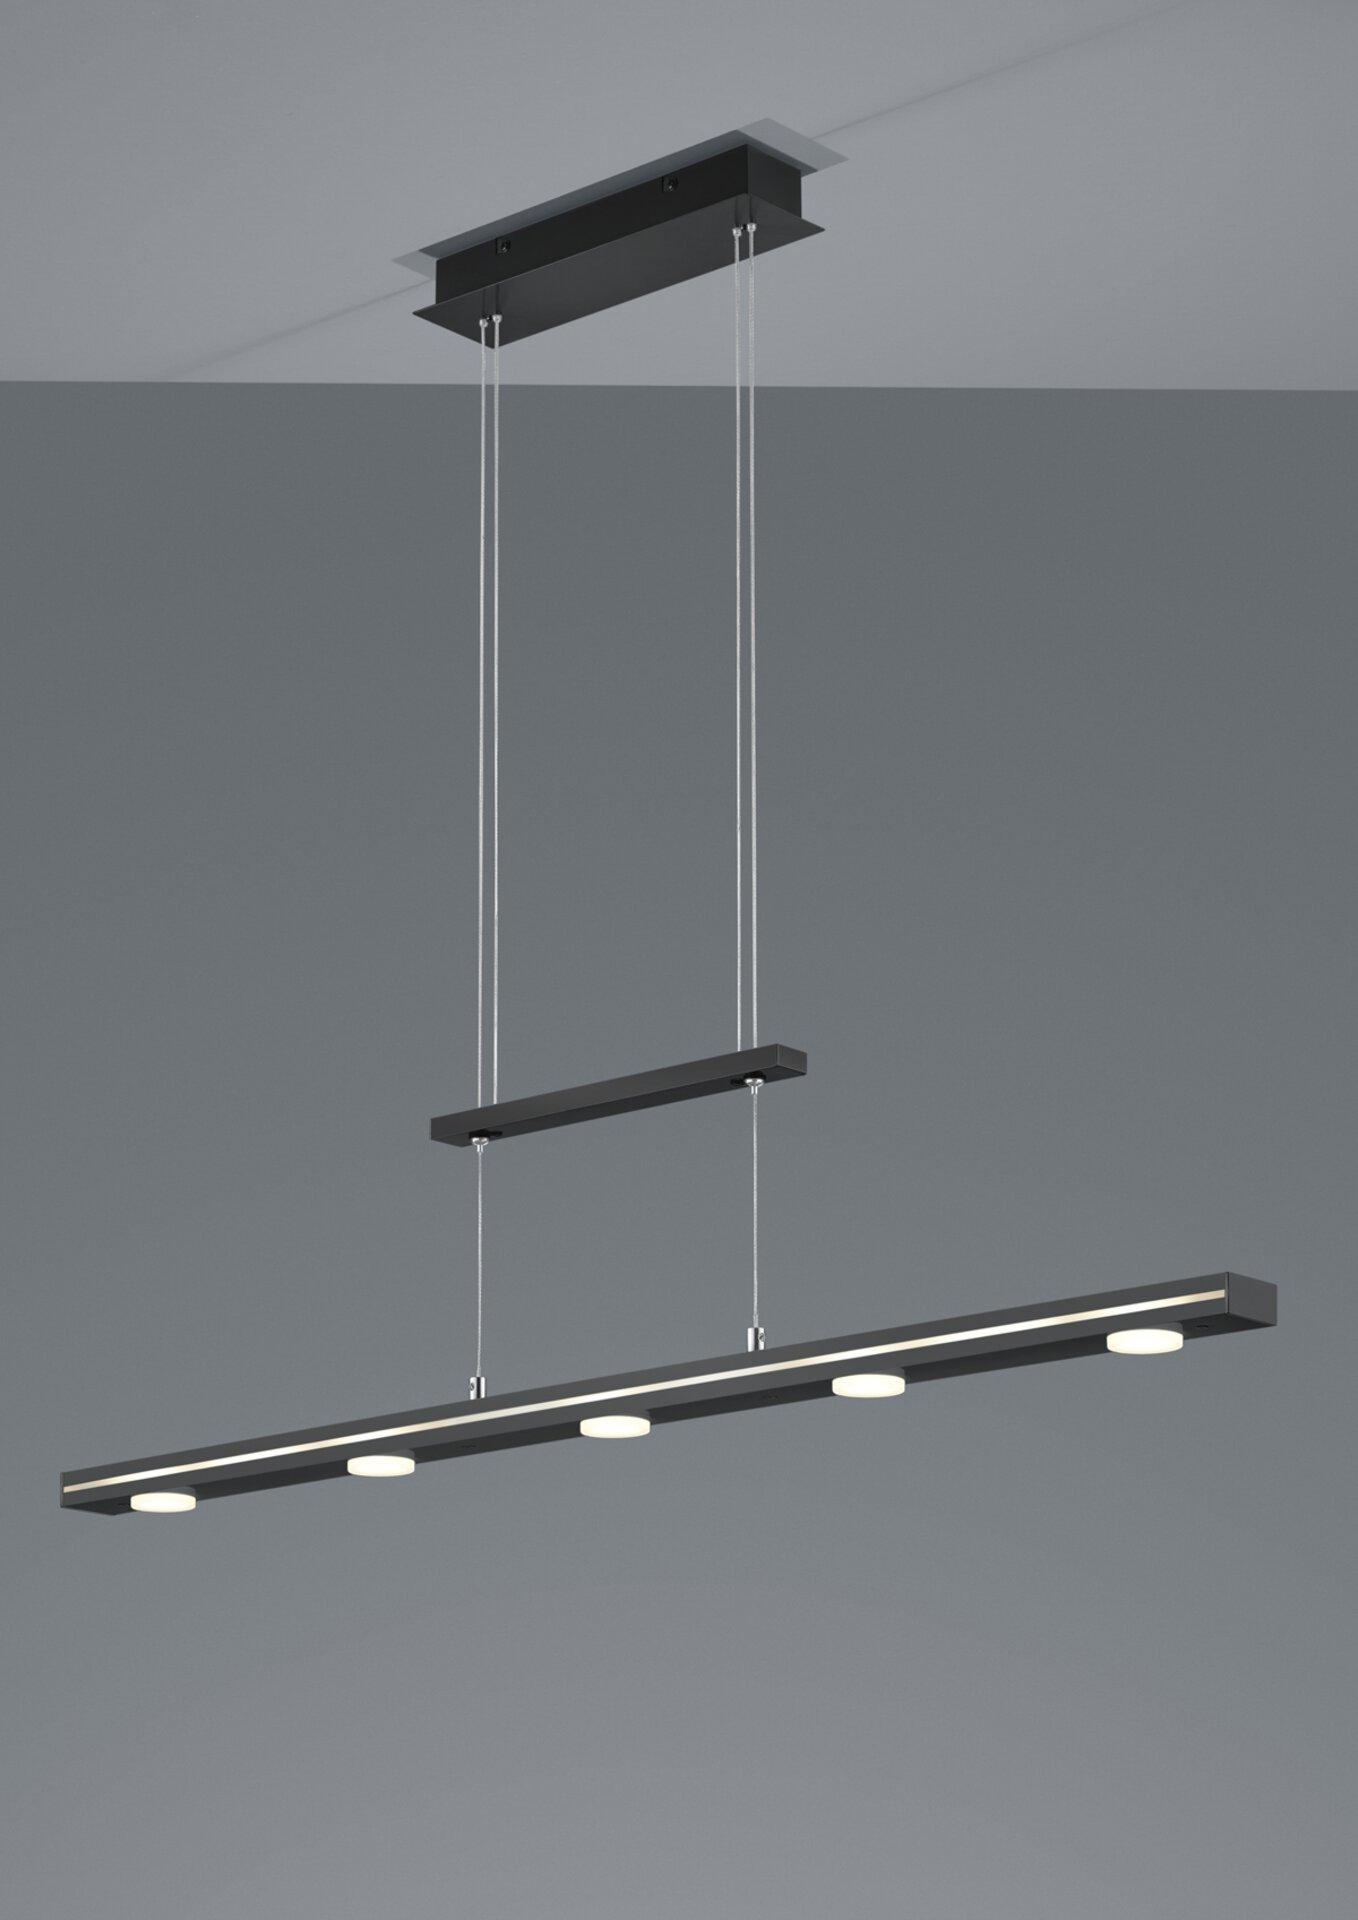 Pendelleuchte Lacal Trio Leuchten Metall schwarz 8 x 160 x 100 cm